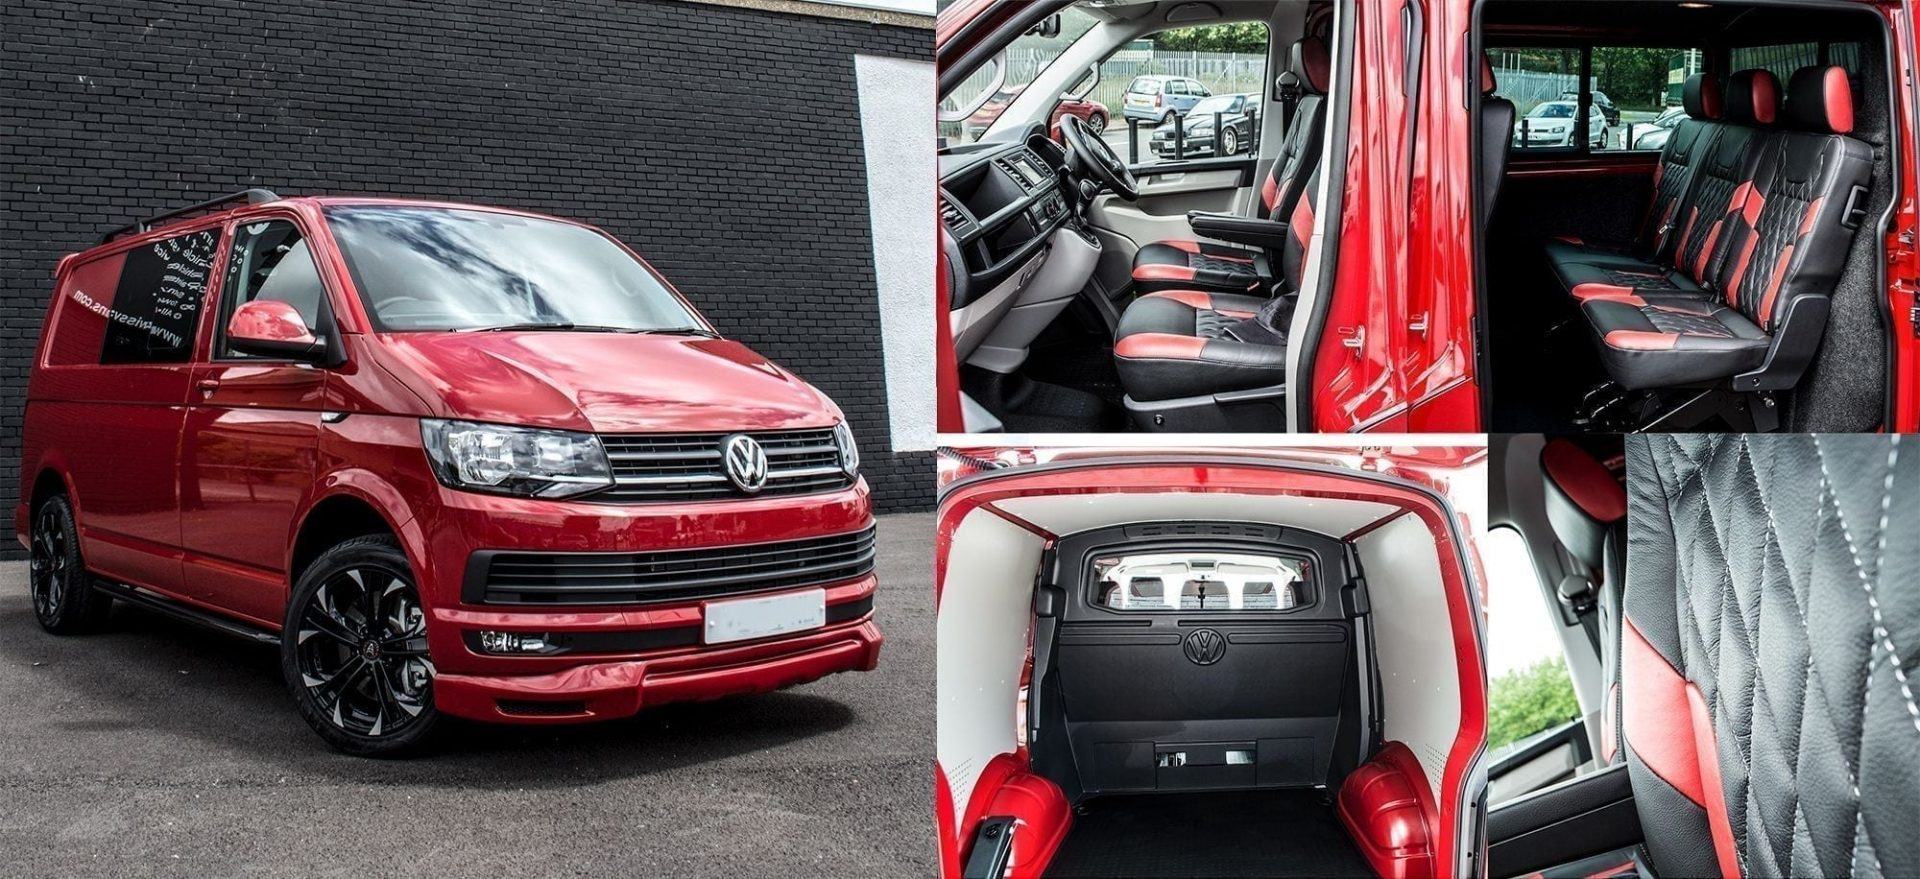 vw transporter highline kombi WASP red edition